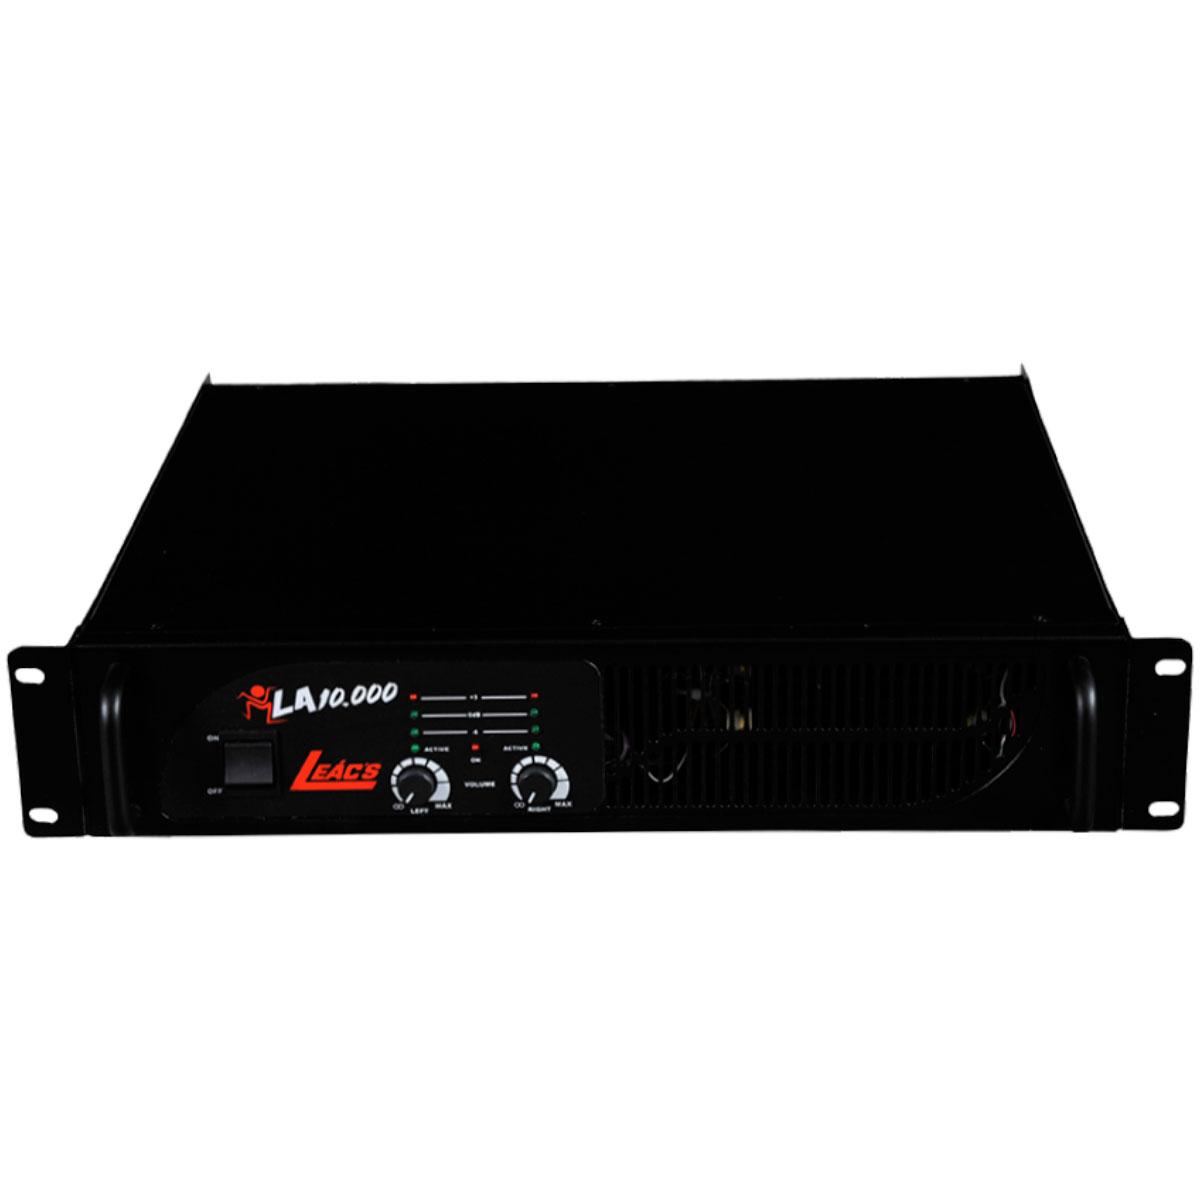 Amplificador La10.000 2000w Rms Leacs